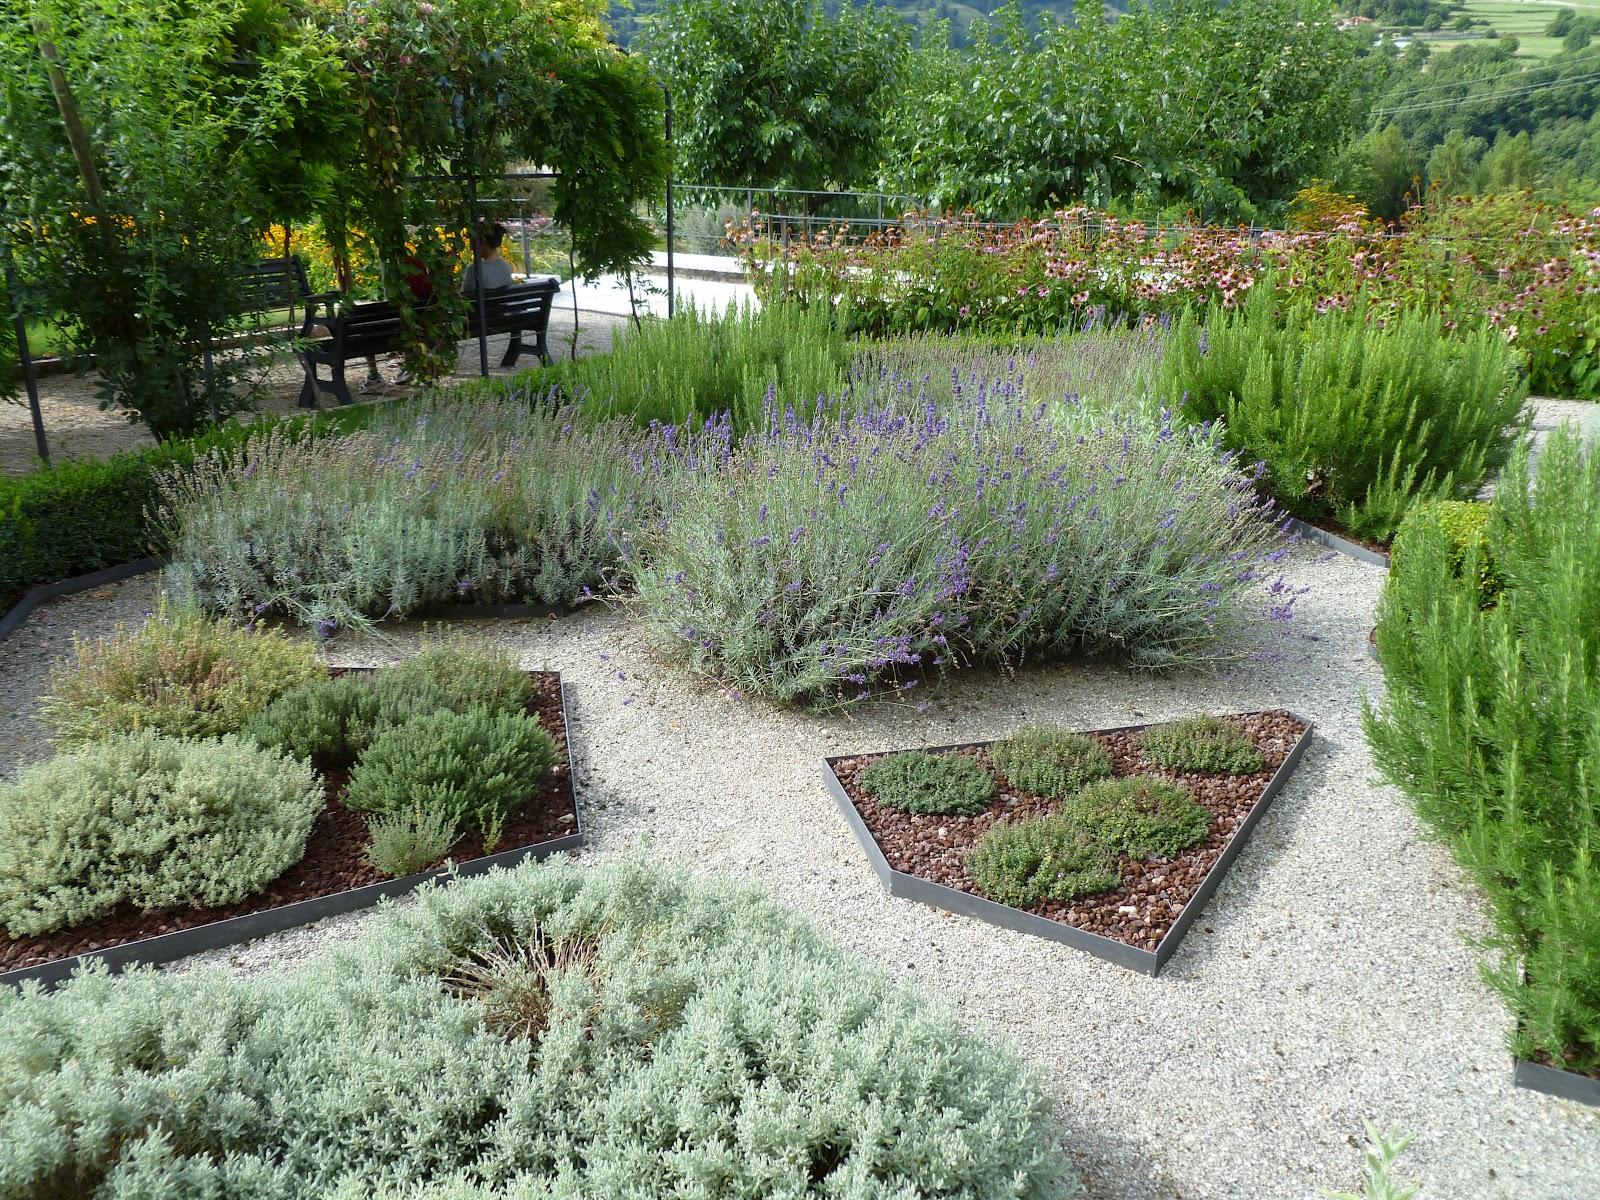 Centro ricerca piante officinali veneto for Aiuole giardino immagini